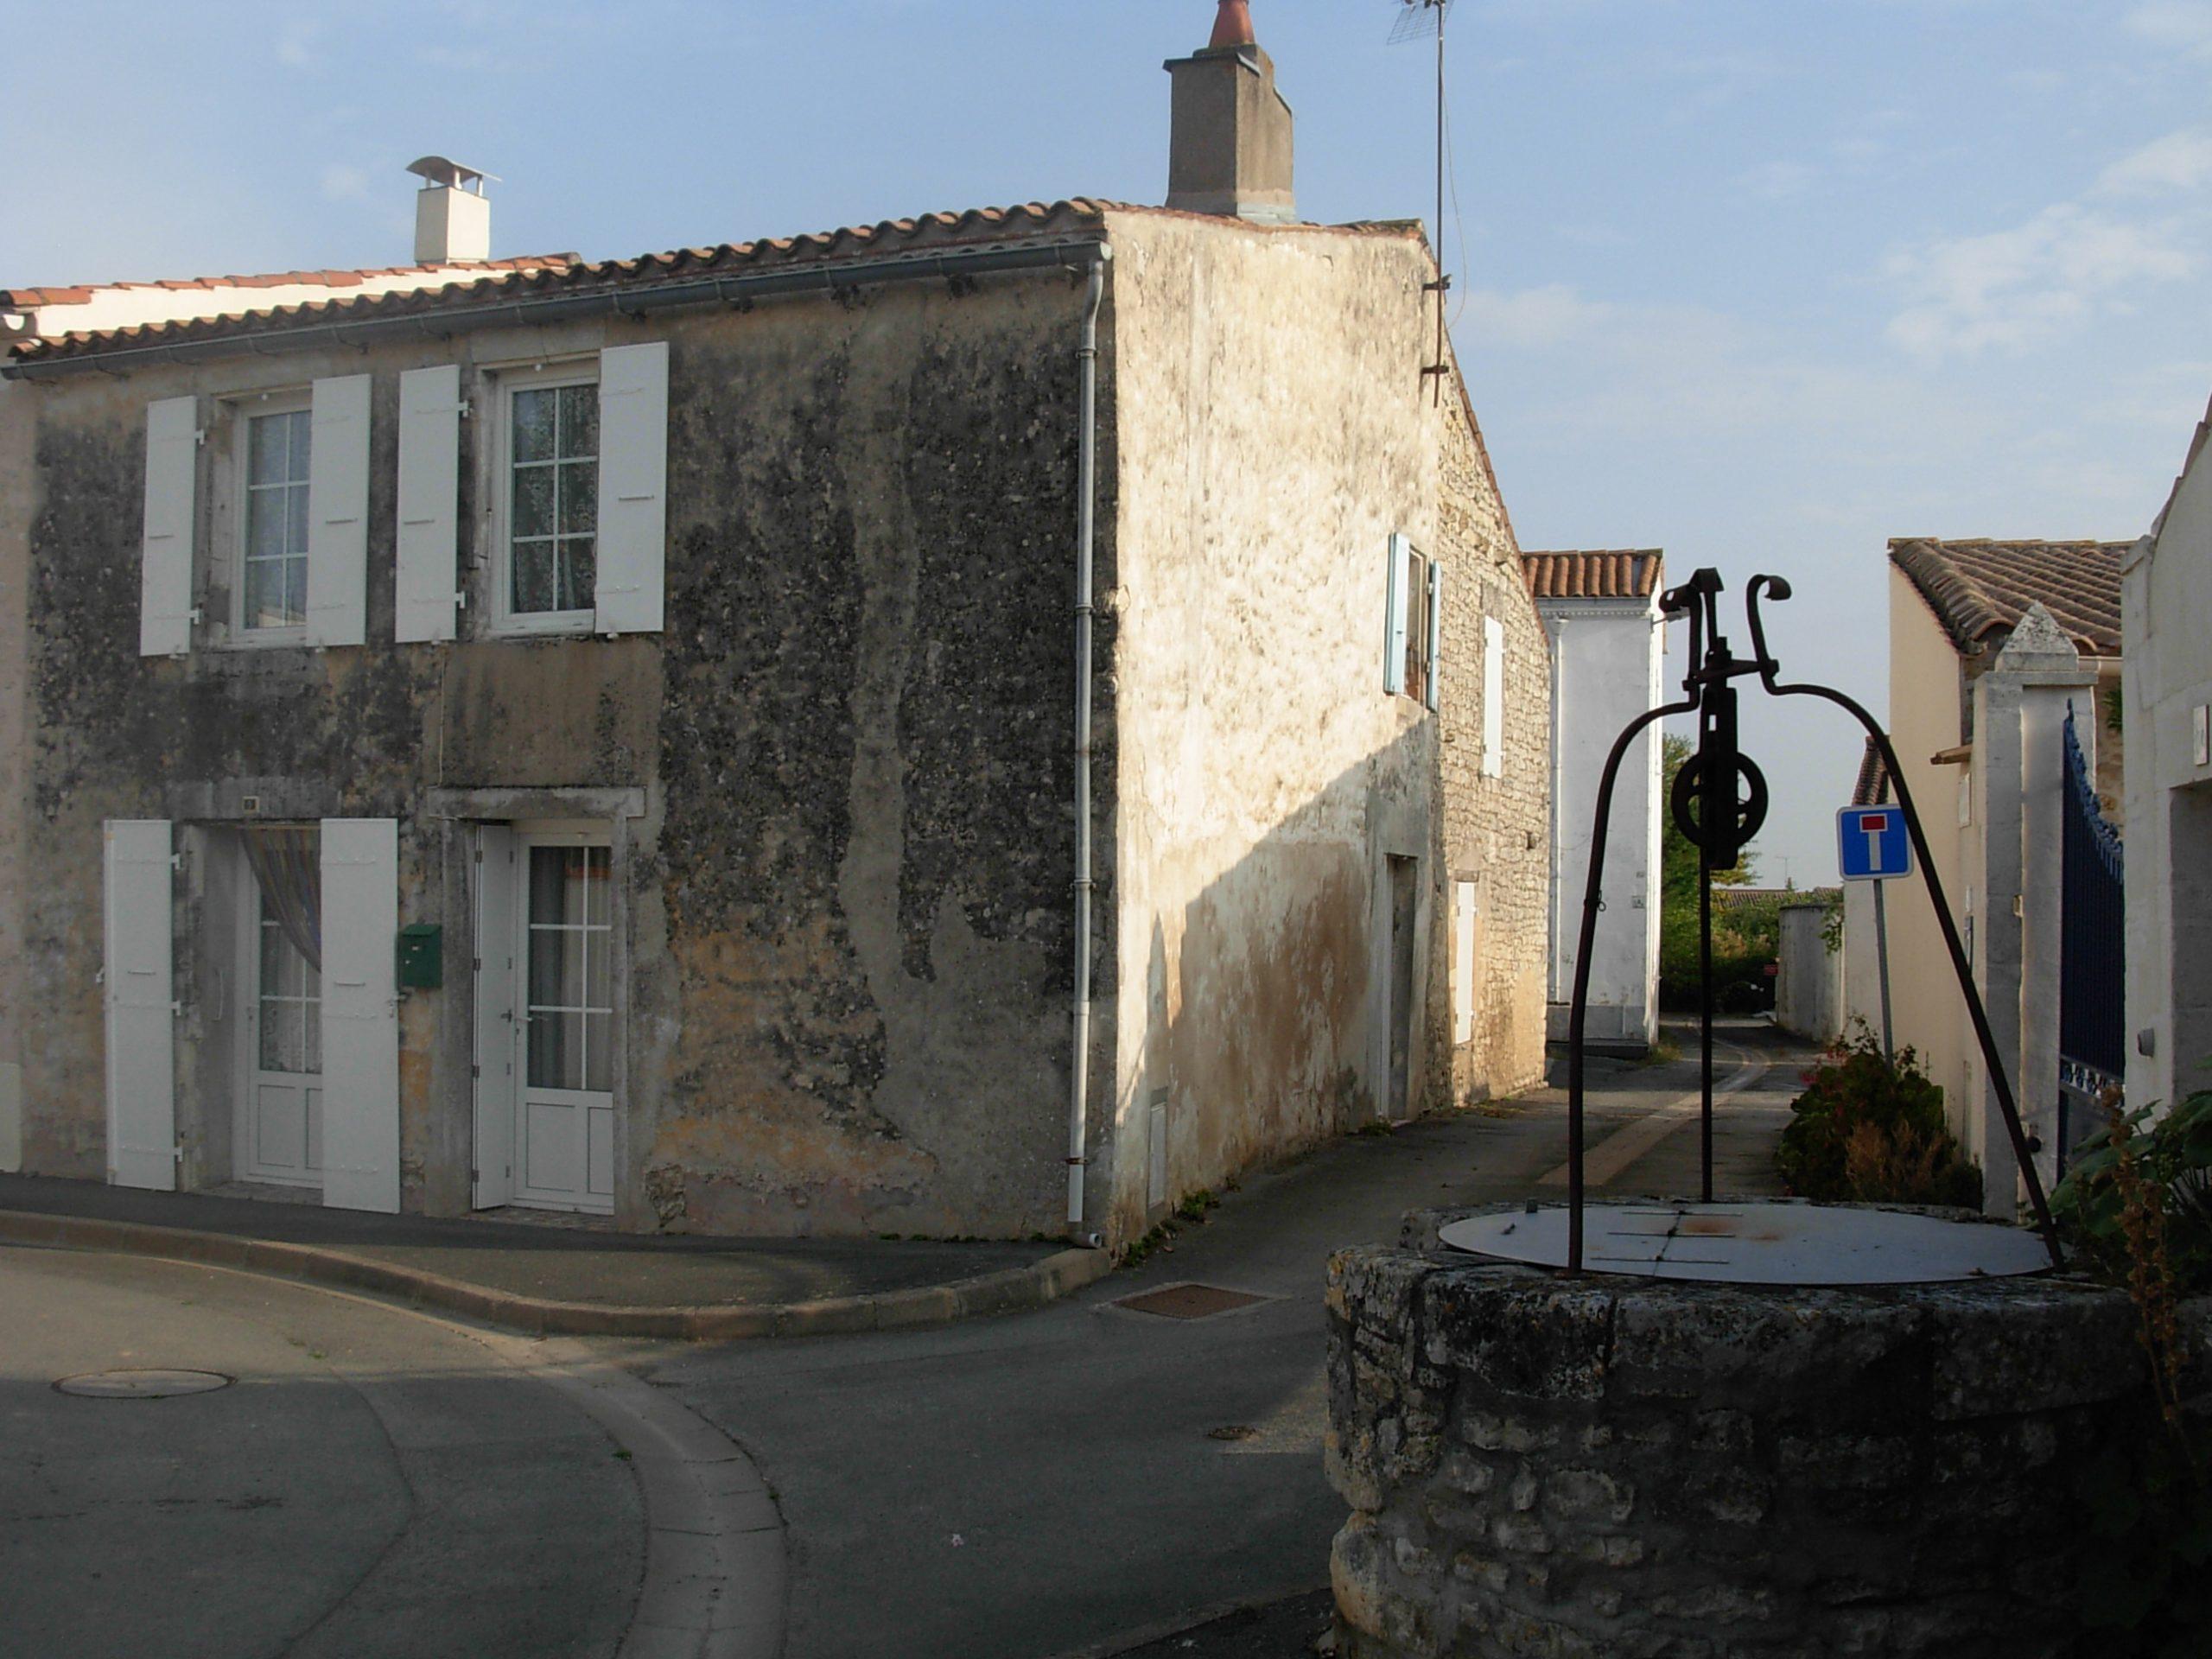 Maison de l'ancêtre Jacques Archambault à Saint-Xandre, en France